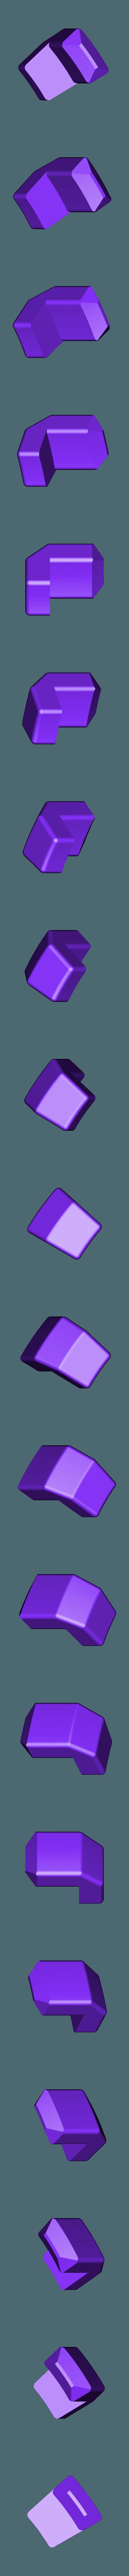 Clip.STL Télécharger fichier STL gratuit Poignée pour pompe (Push up bar) • Modèle pour impression 3D, Mathieu_BZH